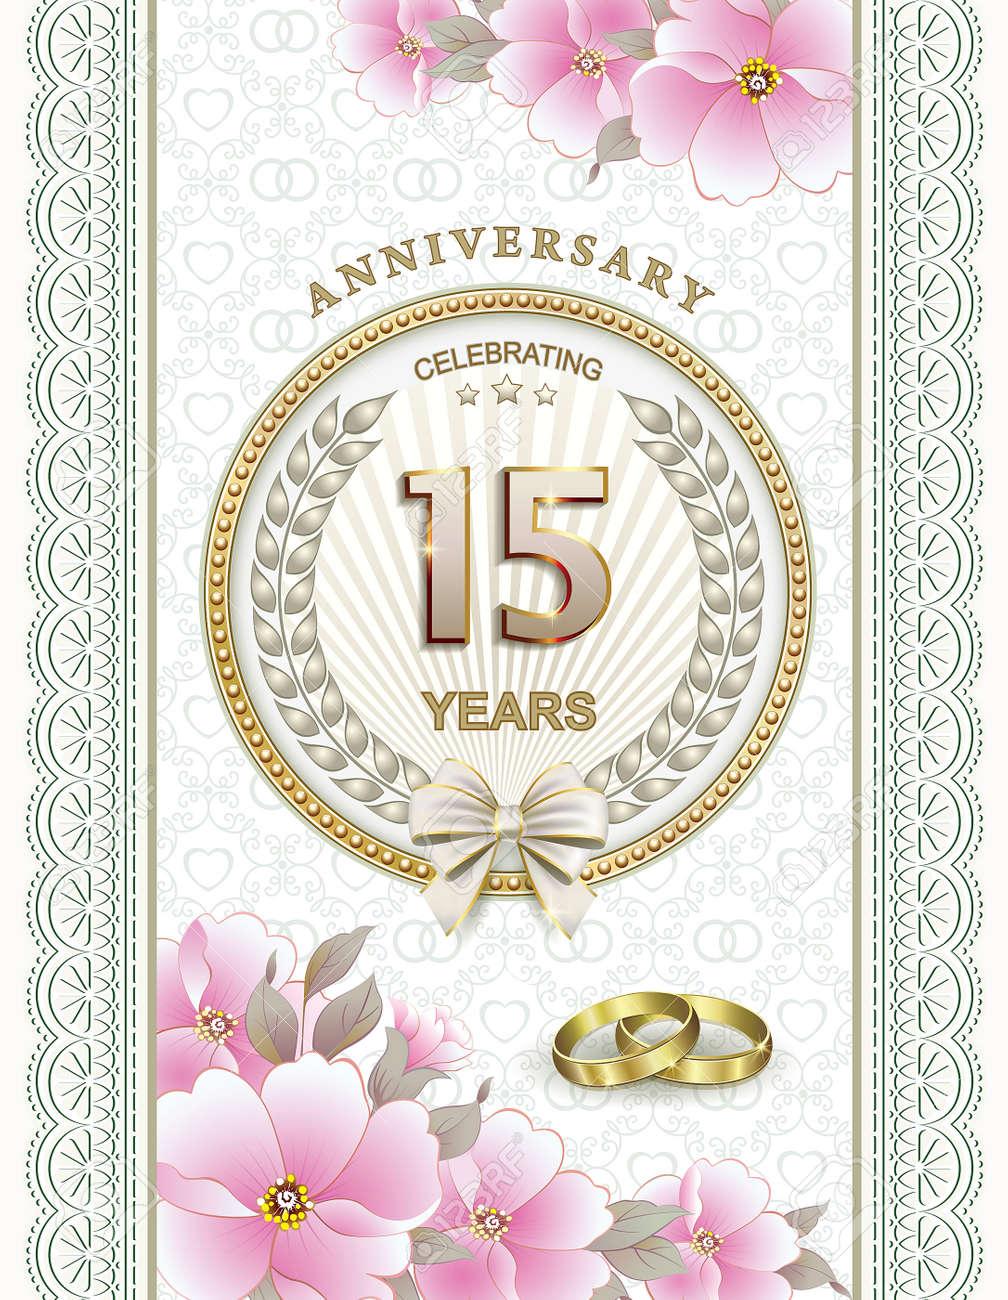 Anniversario Di Matrimonio 15 Anni.15th Anniversary Of Marriage Royalty Free Cliparts Vectors And